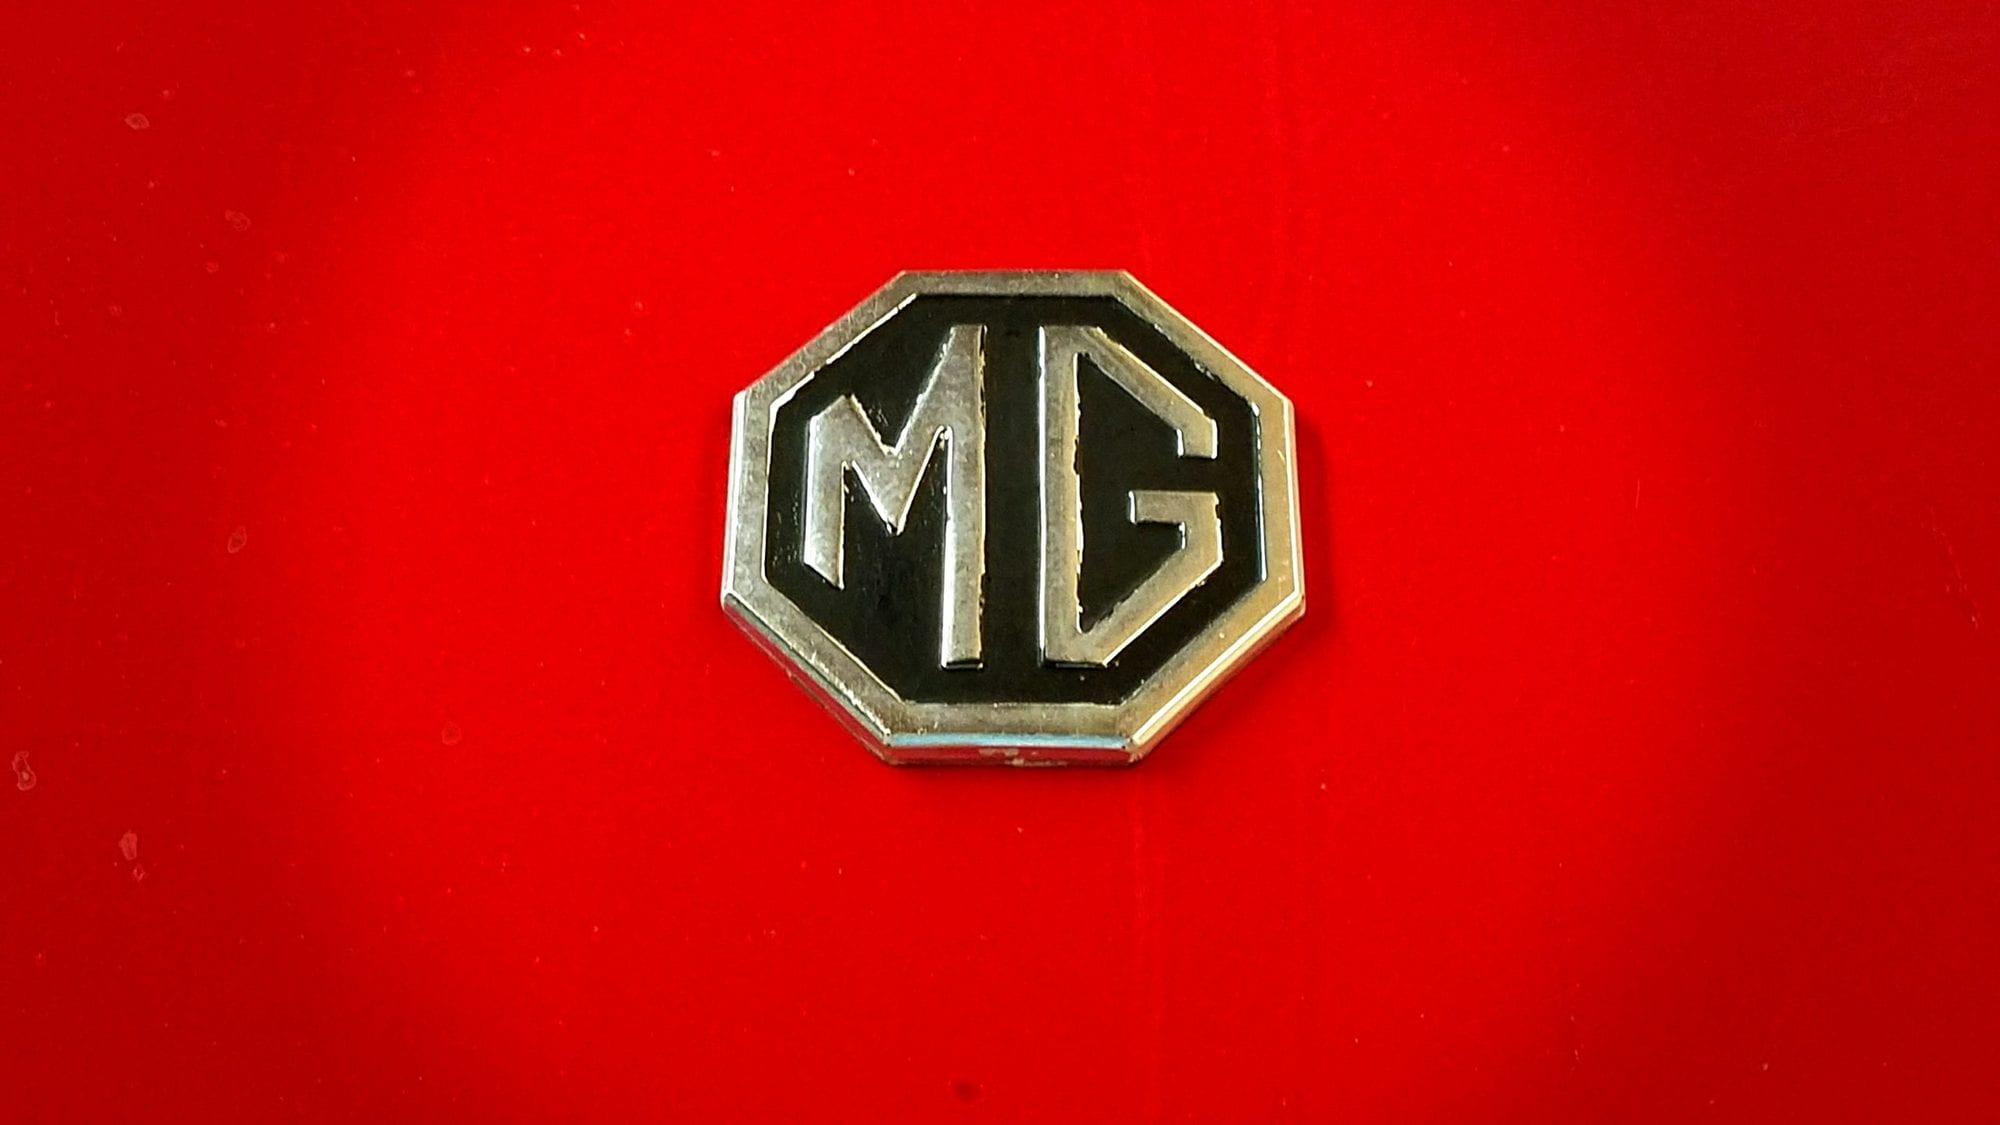 عيوب سيارات Mg اقرأ السوق المفتوح